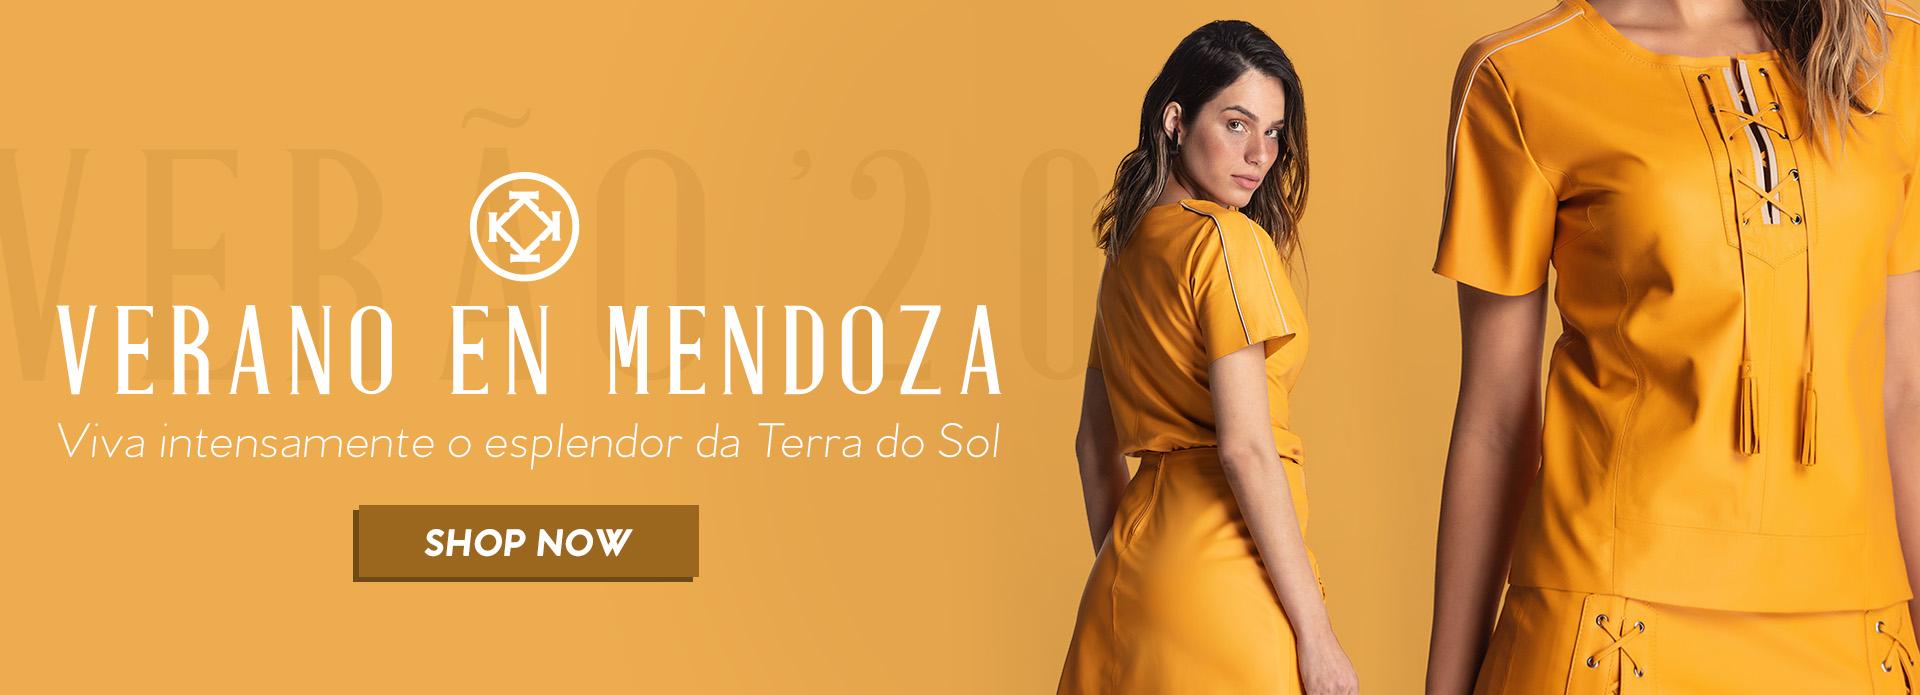 Verano En Mendoza